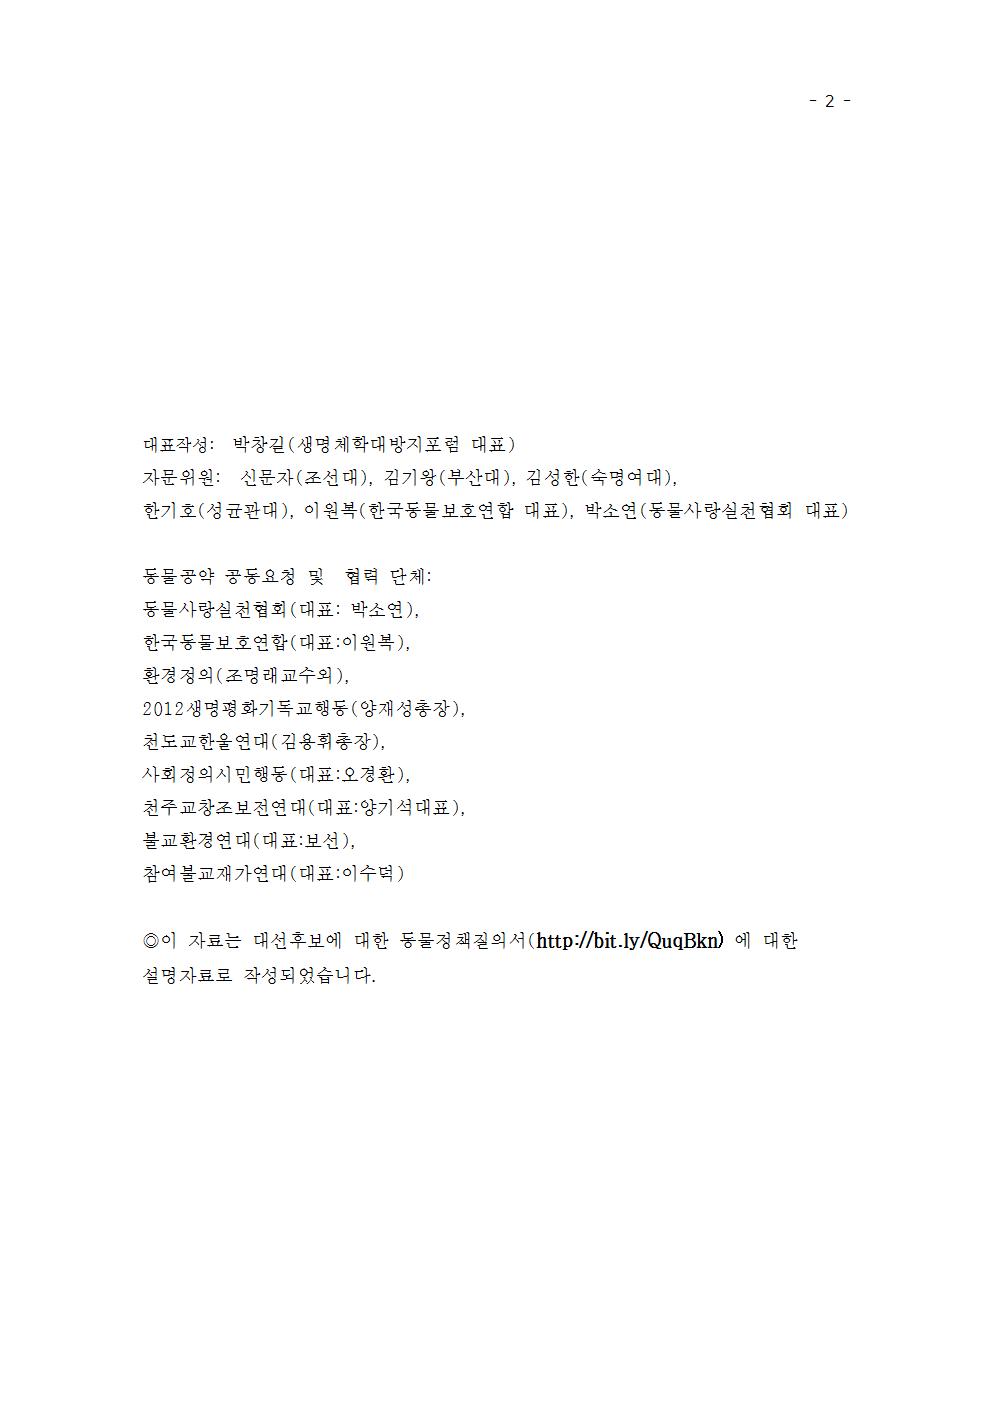 제안서_2012_대선3후보_게시_단축002.png